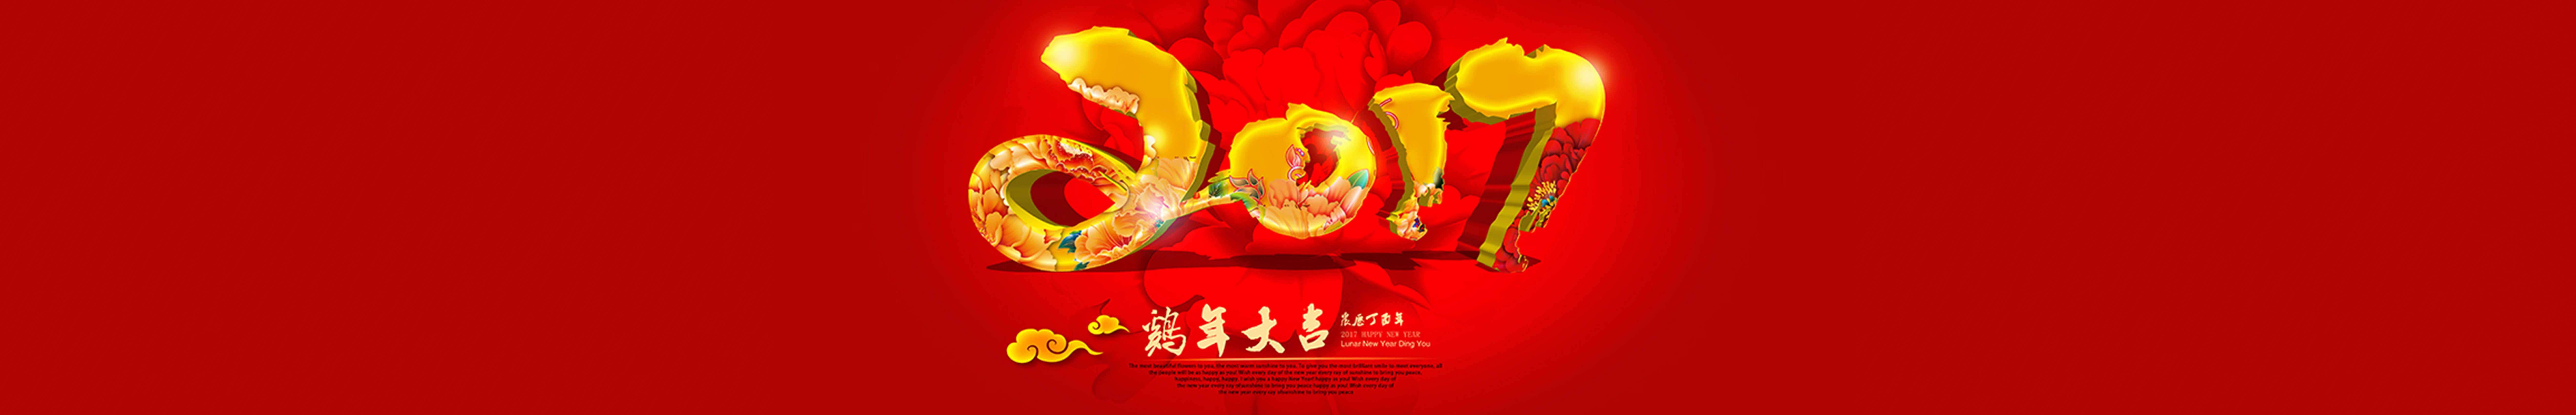 安祖影视 banner